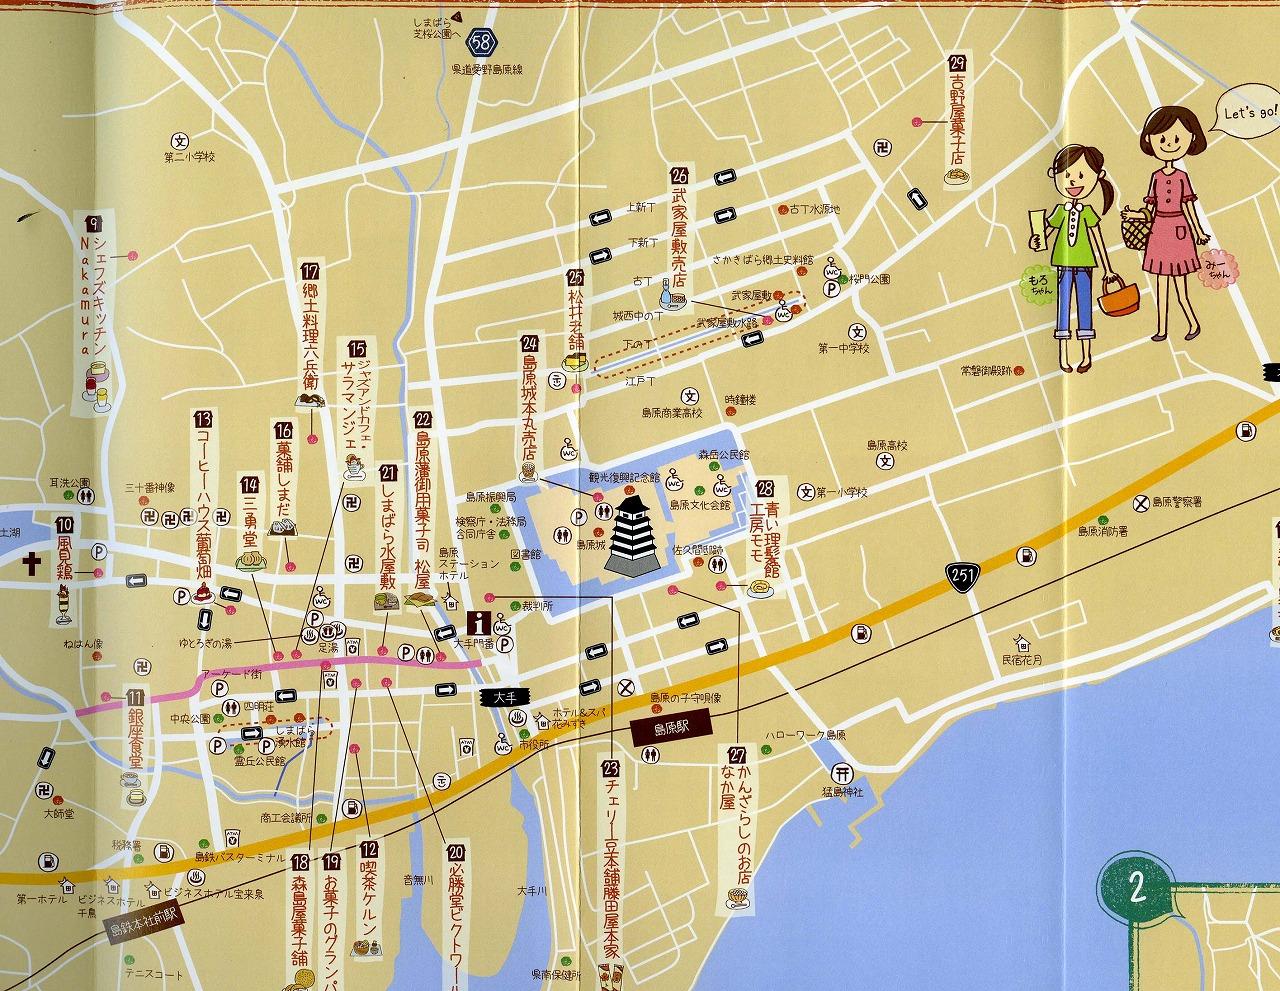 これはなかなかかわいいマップだ。_c0052876_0192546.jpg